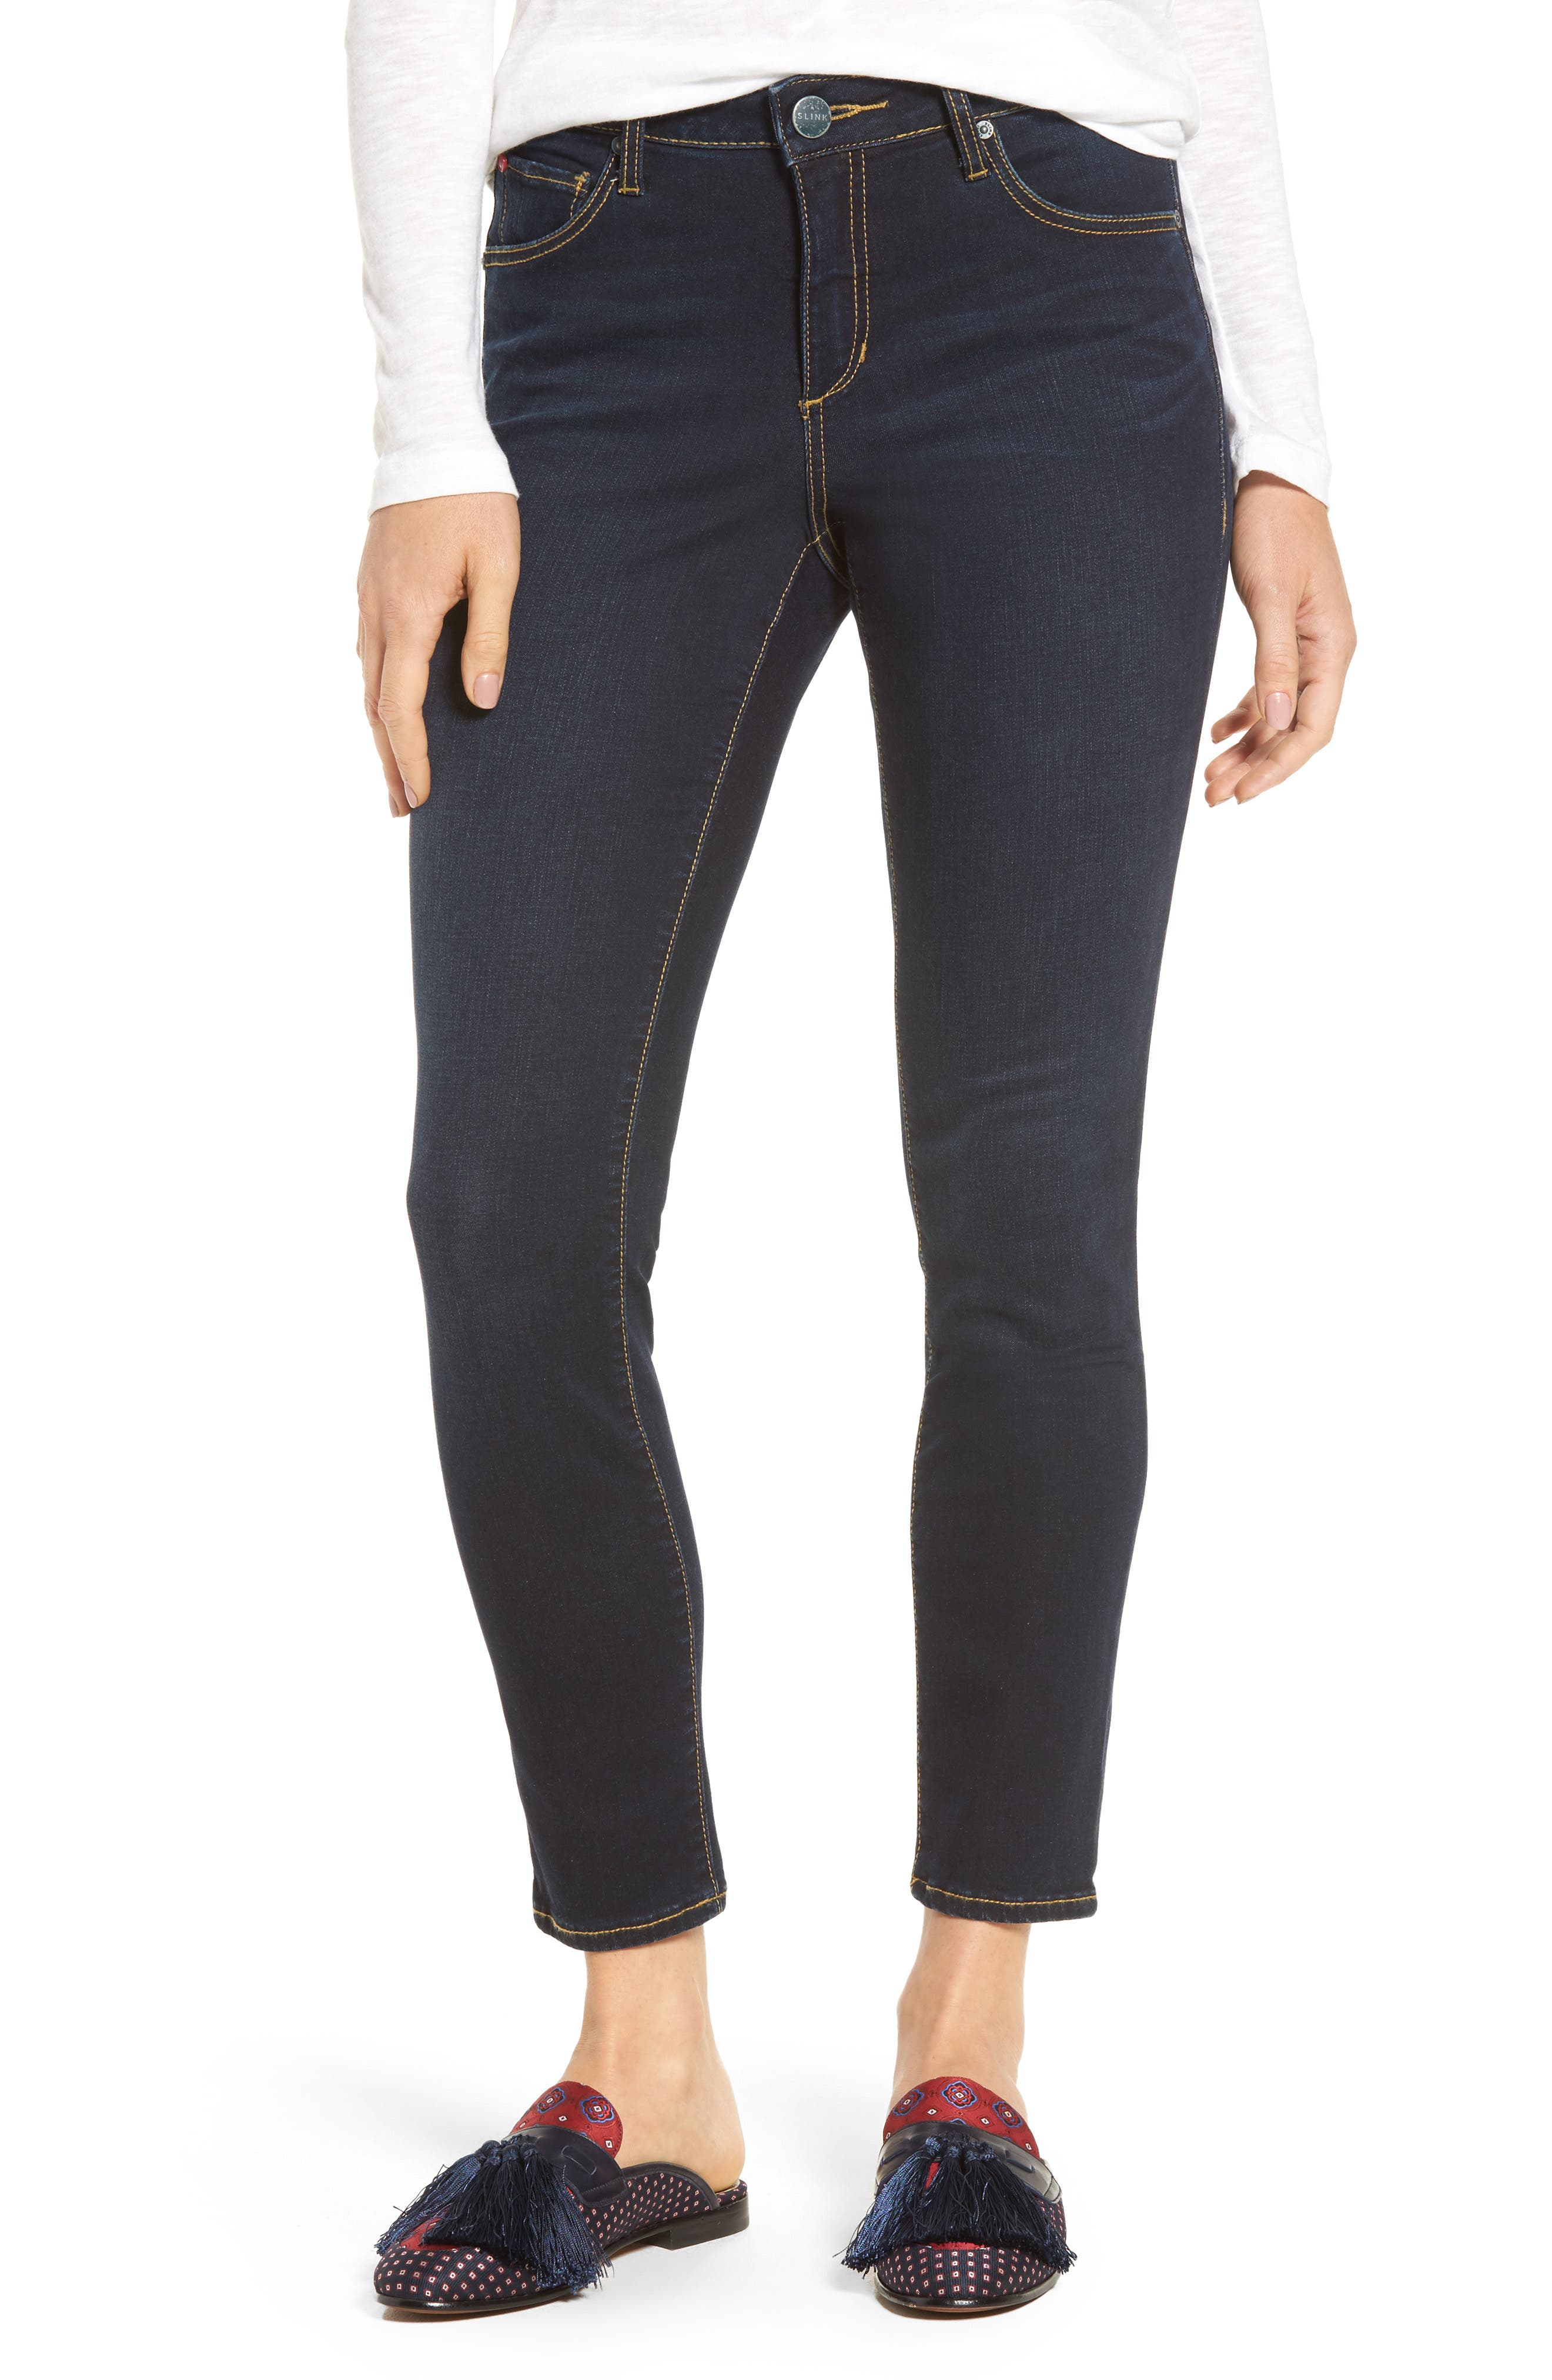 SLINK Jeans Ankle Skinny Jeans (Summer)